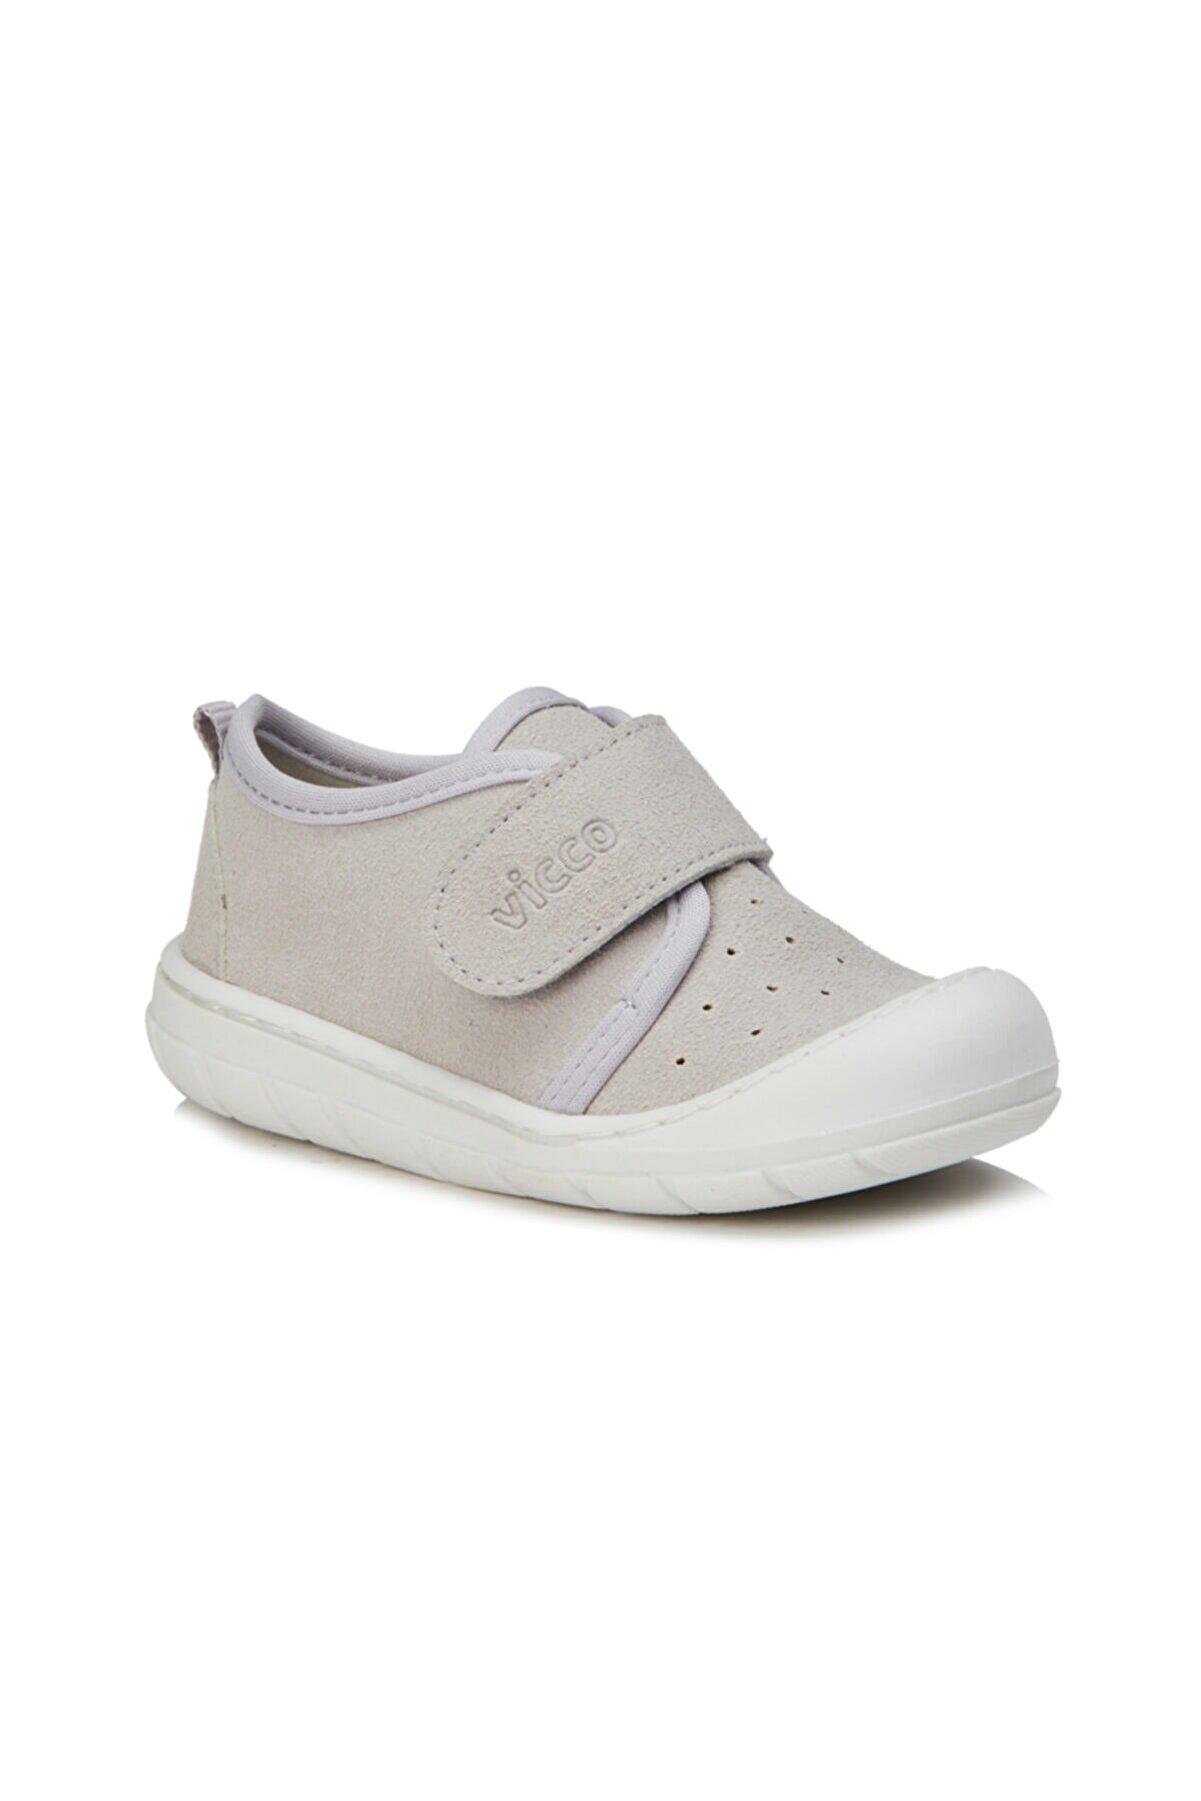 Vicco Anka Unisex Bebe Gri Günlük Ayakkabı